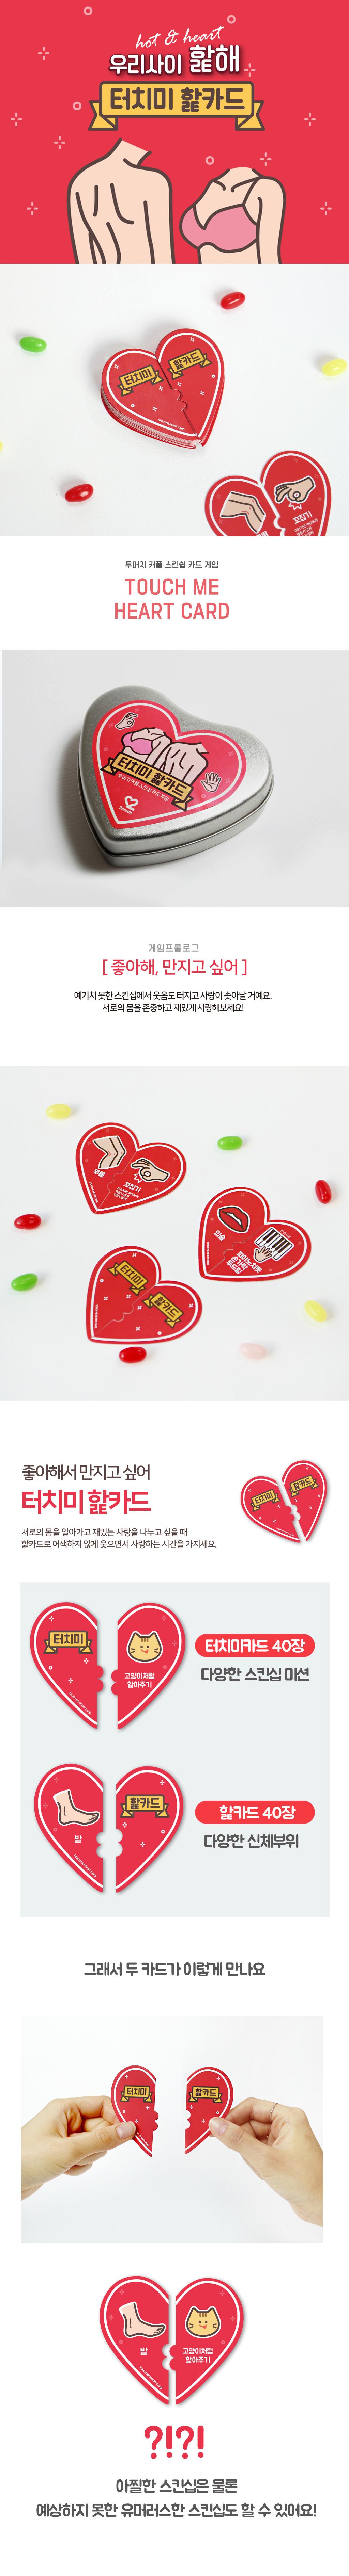 card01_164713.jpg